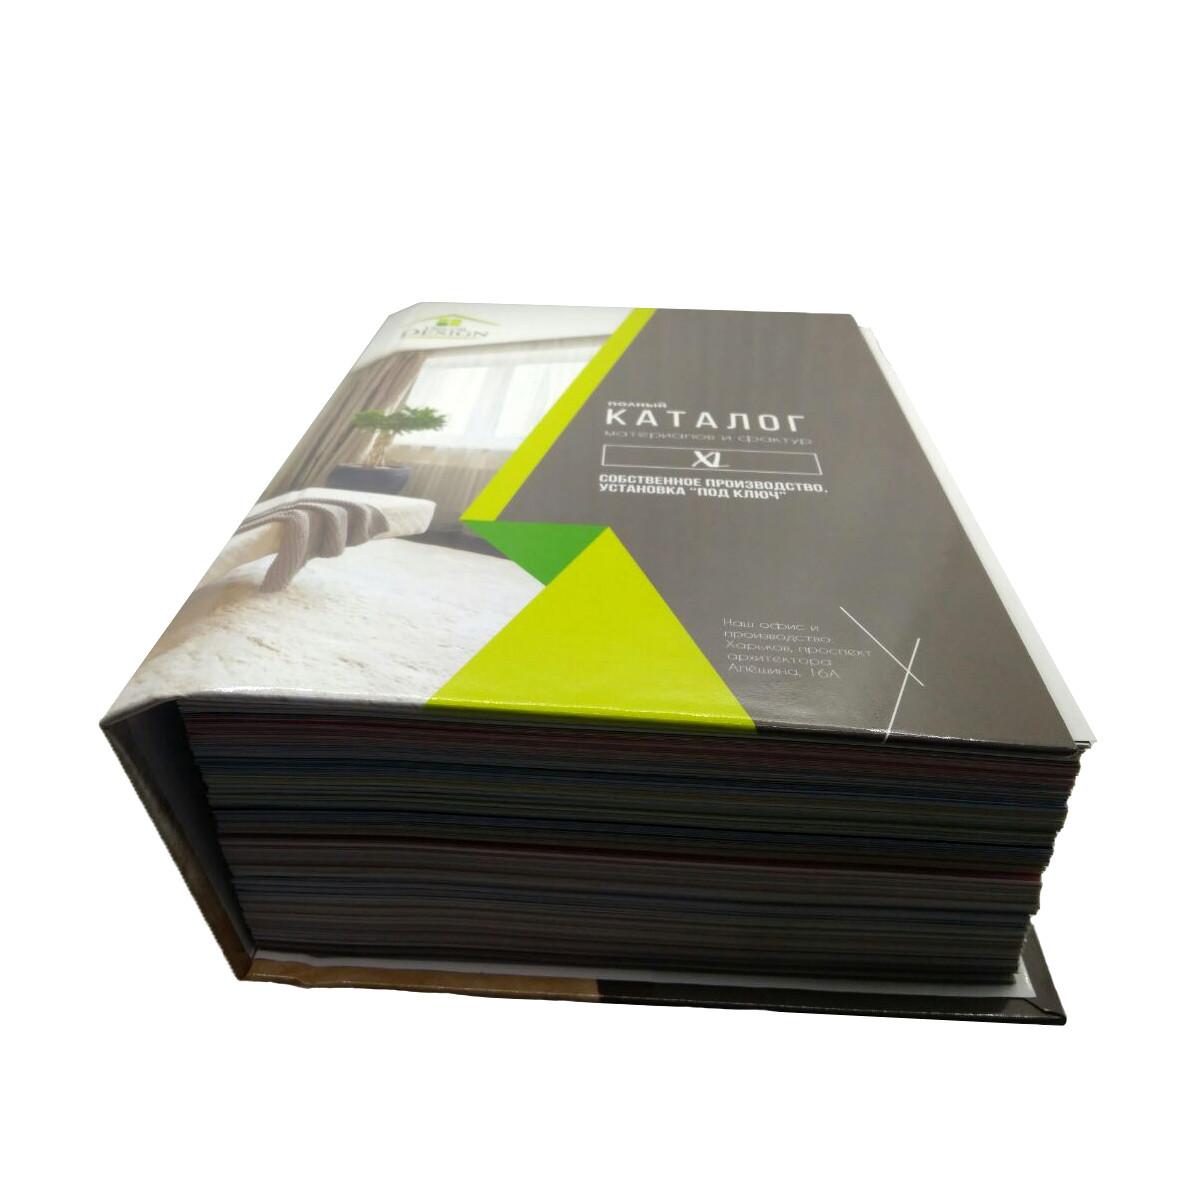 Промо матеріал для натяжних стель. Каталог матеріал для натяжних стель і фактур XL в твердій обкладинці